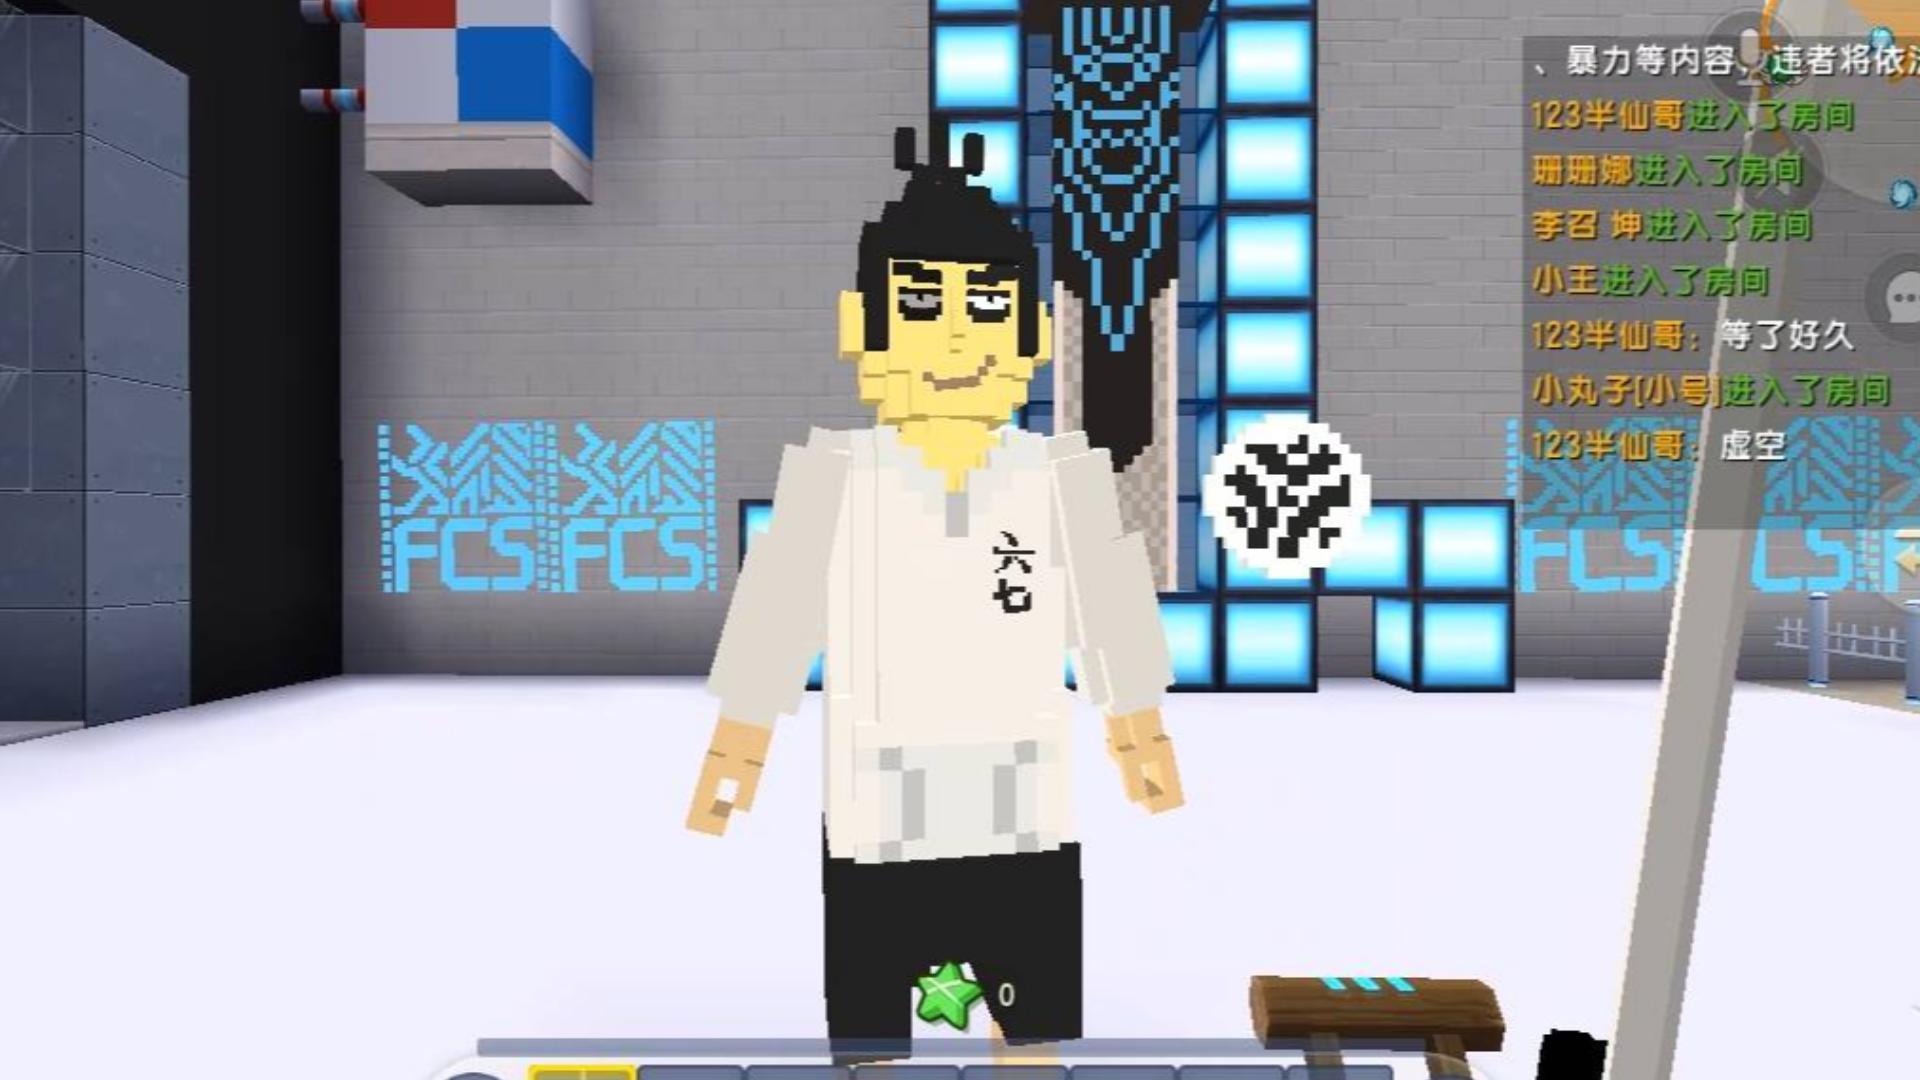 迷你世界:伍六七最强发型师,在神器之下伍六七不过如此,半仙加冕为王